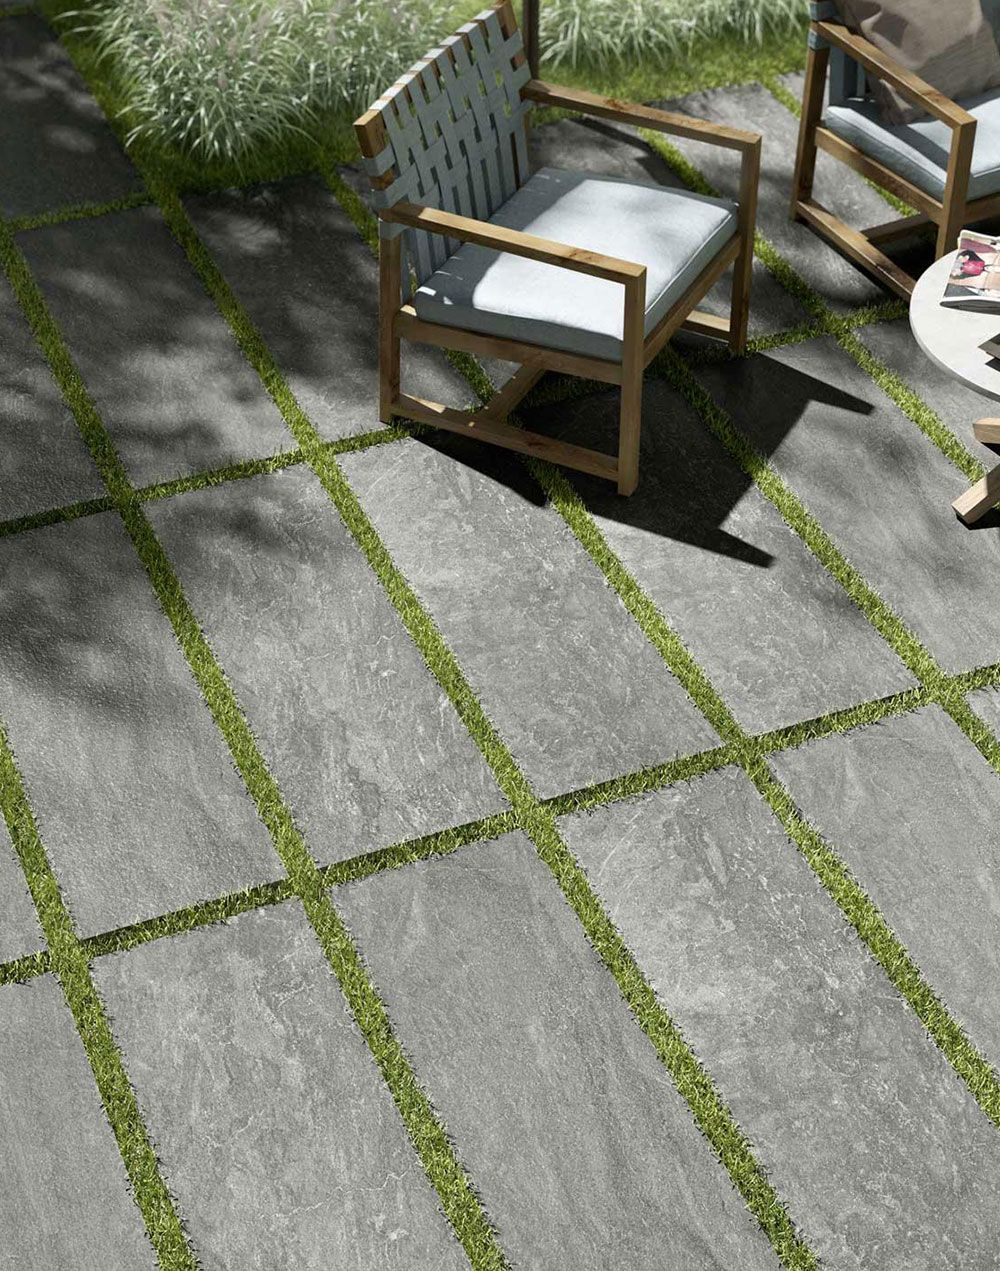 Lose Verlegung Von 2cm Terrassenplatten Schotterrasen Gartengestaltung Ideen Terrassenplatten